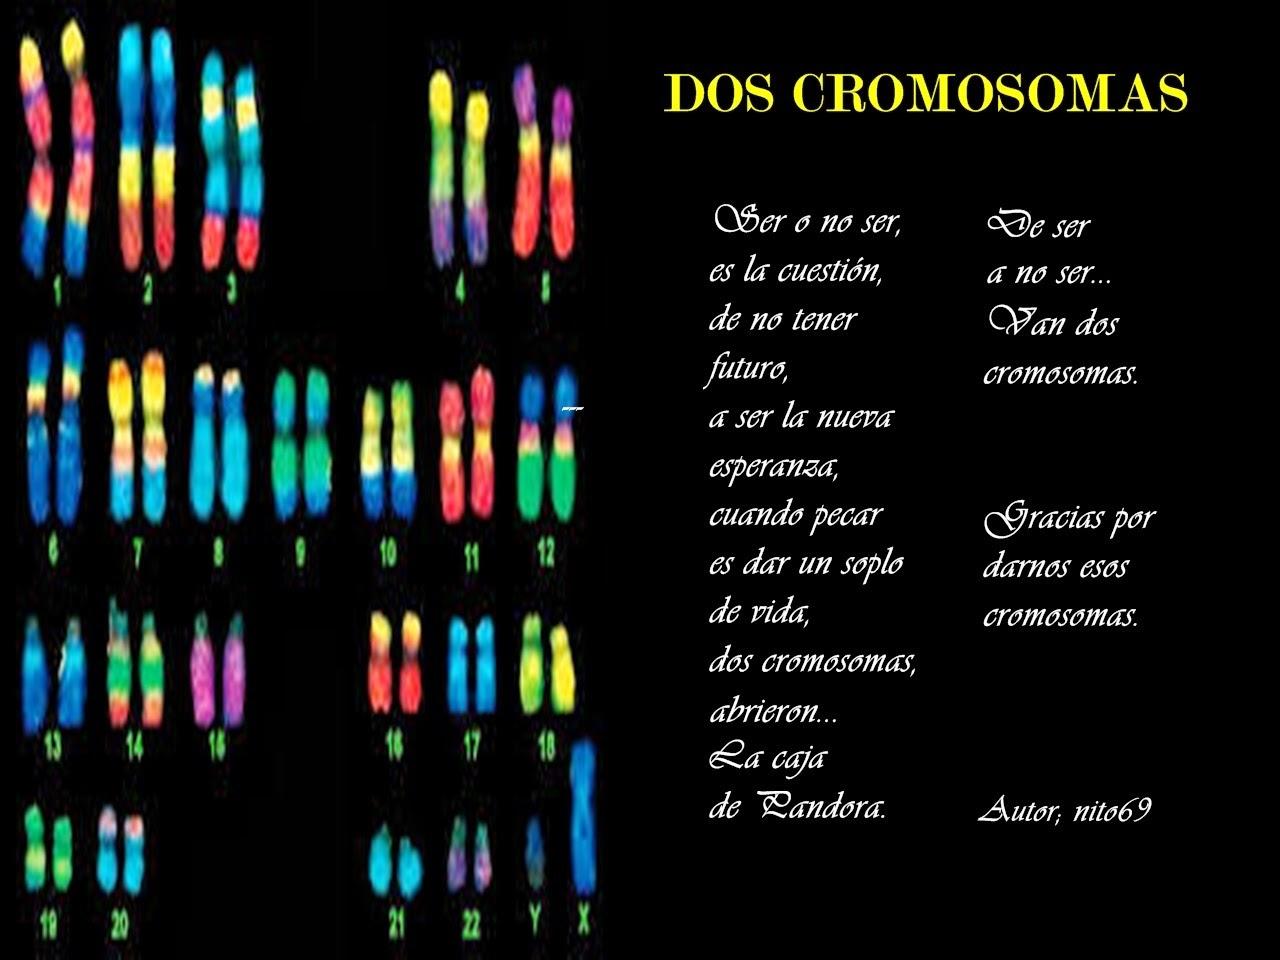 DOS CROMOSOMAS